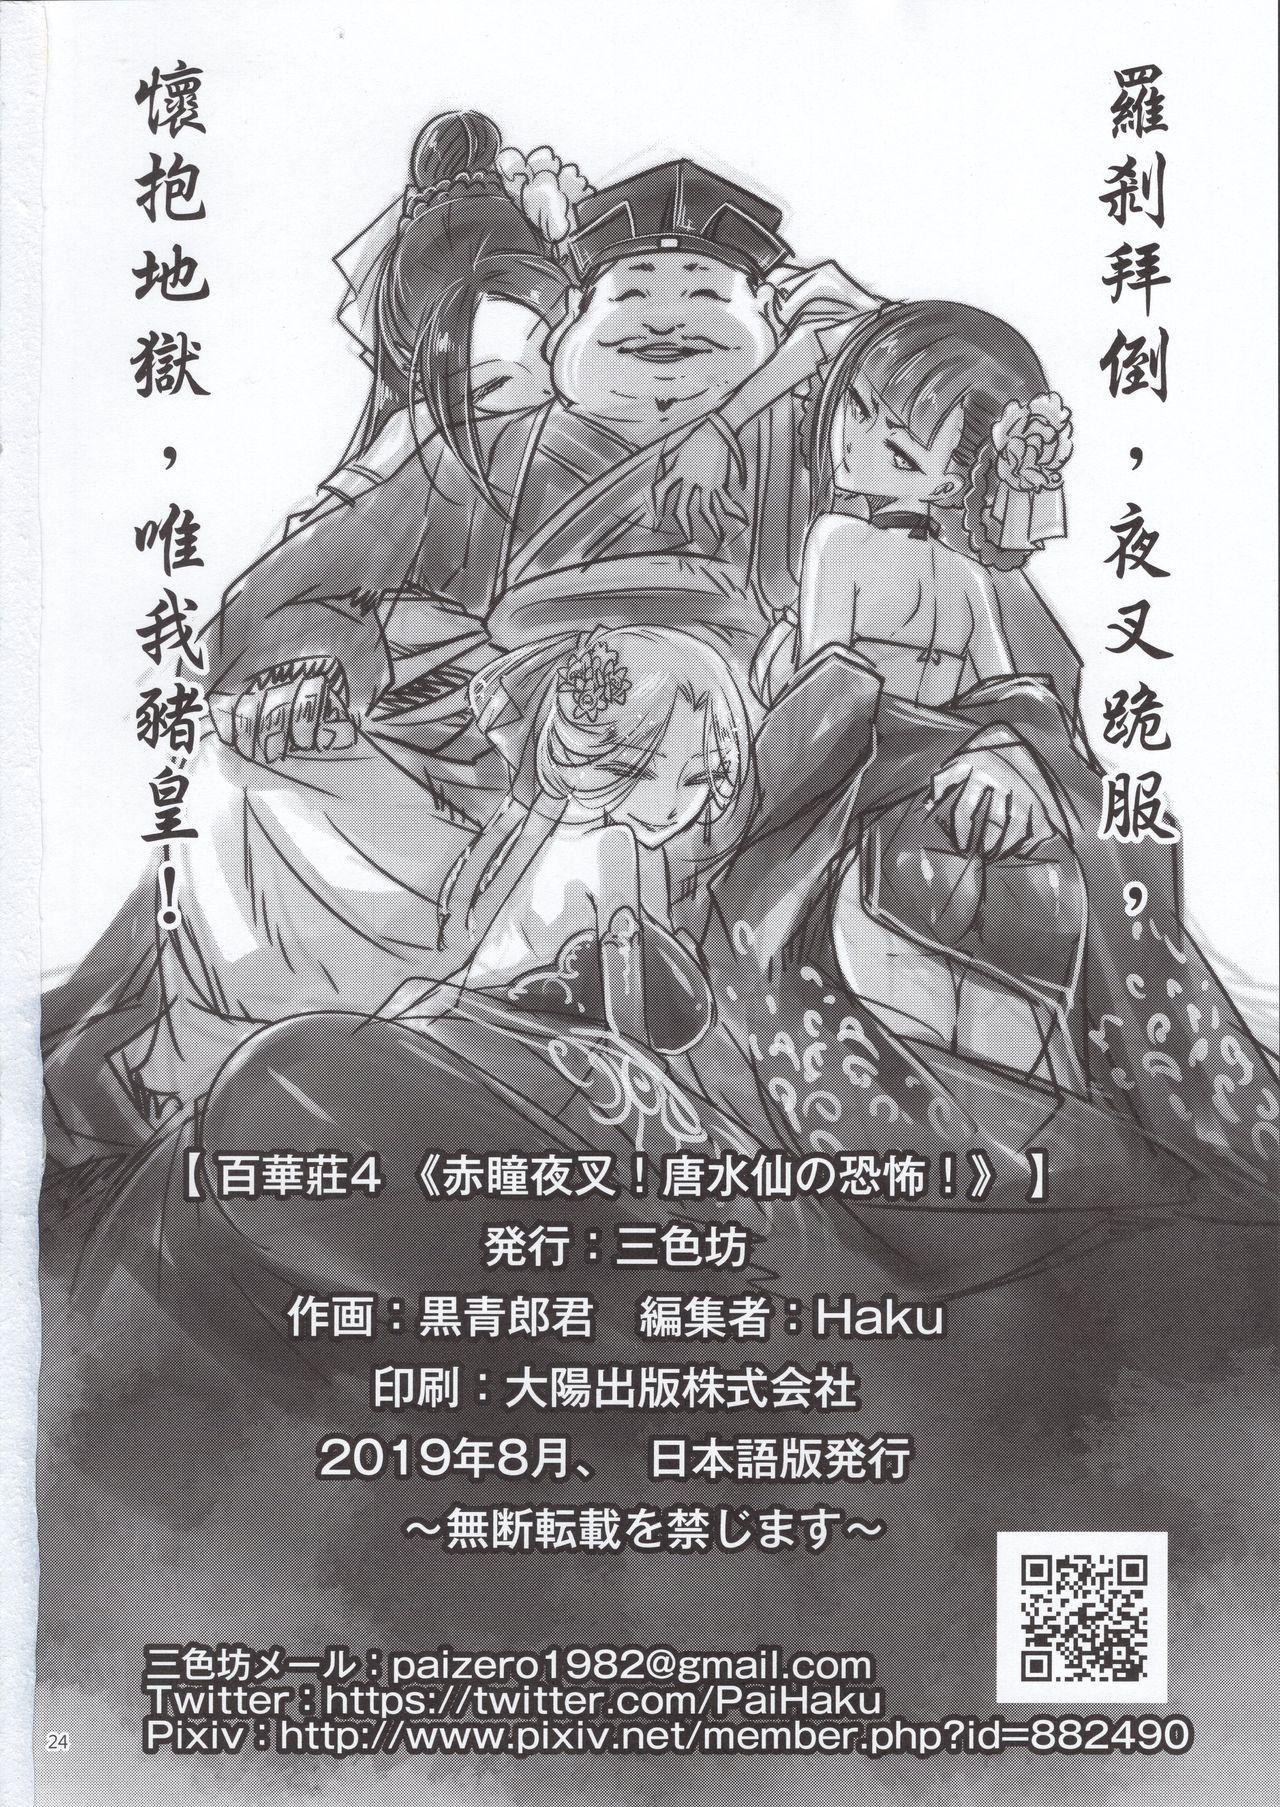 Hyakkasou4 《Akahitomiyasha, tosuisen no kyofu》 24